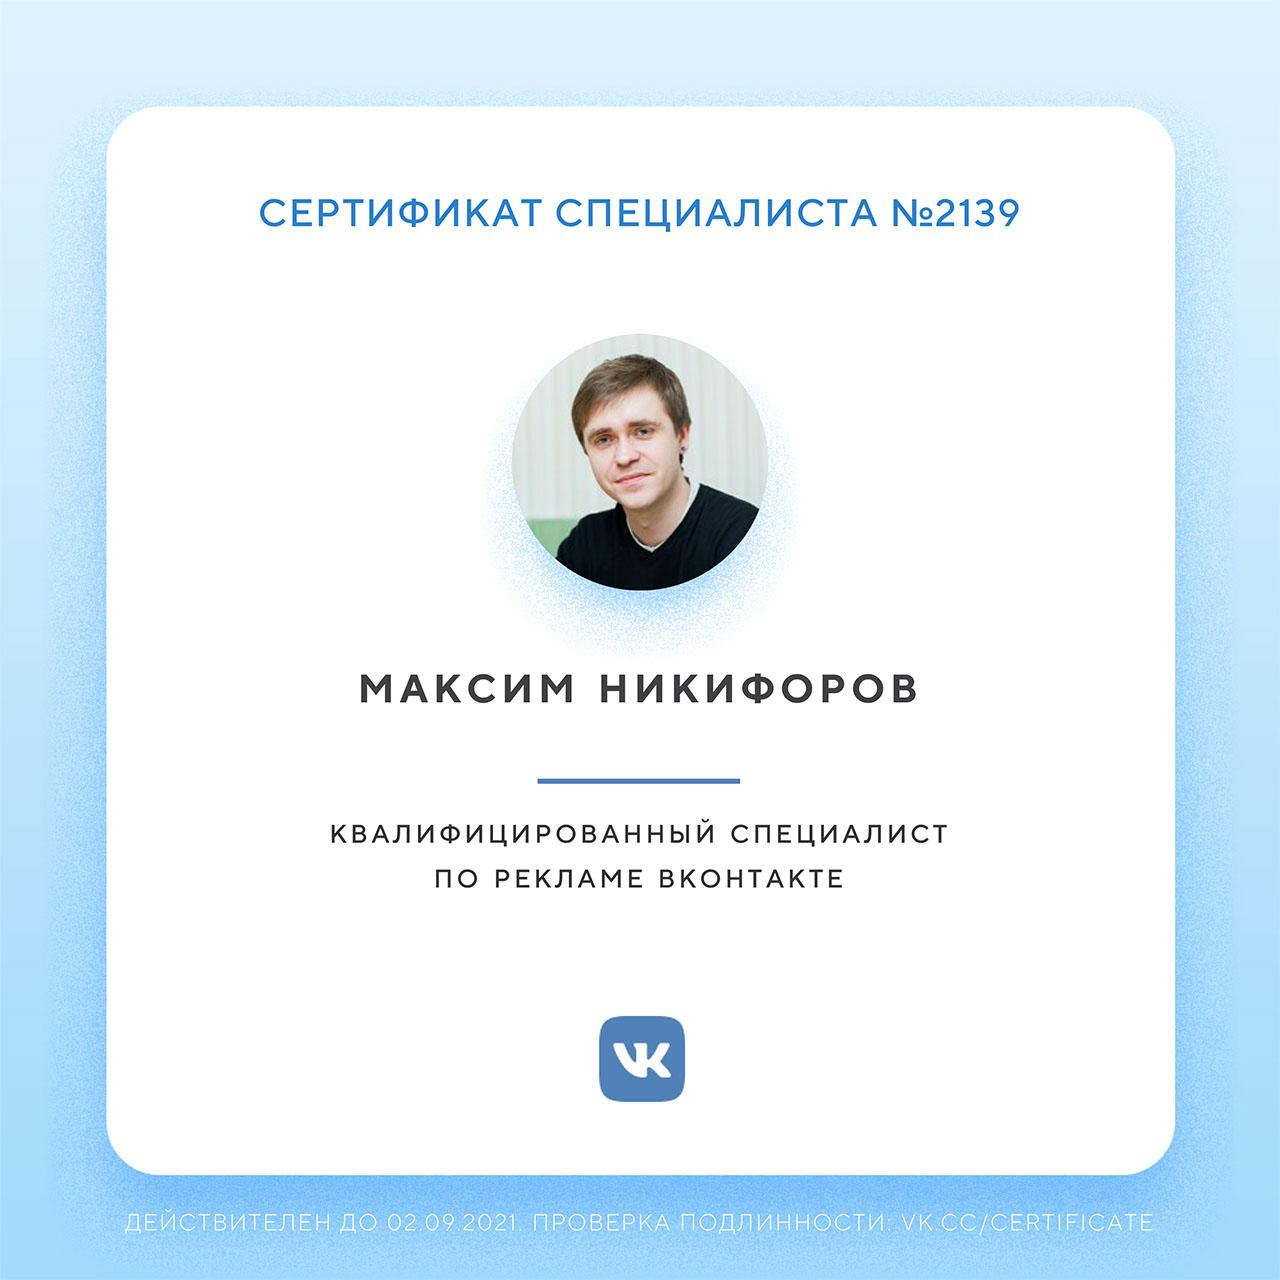 Сертифицированный специалист по рекламе Вконтакте